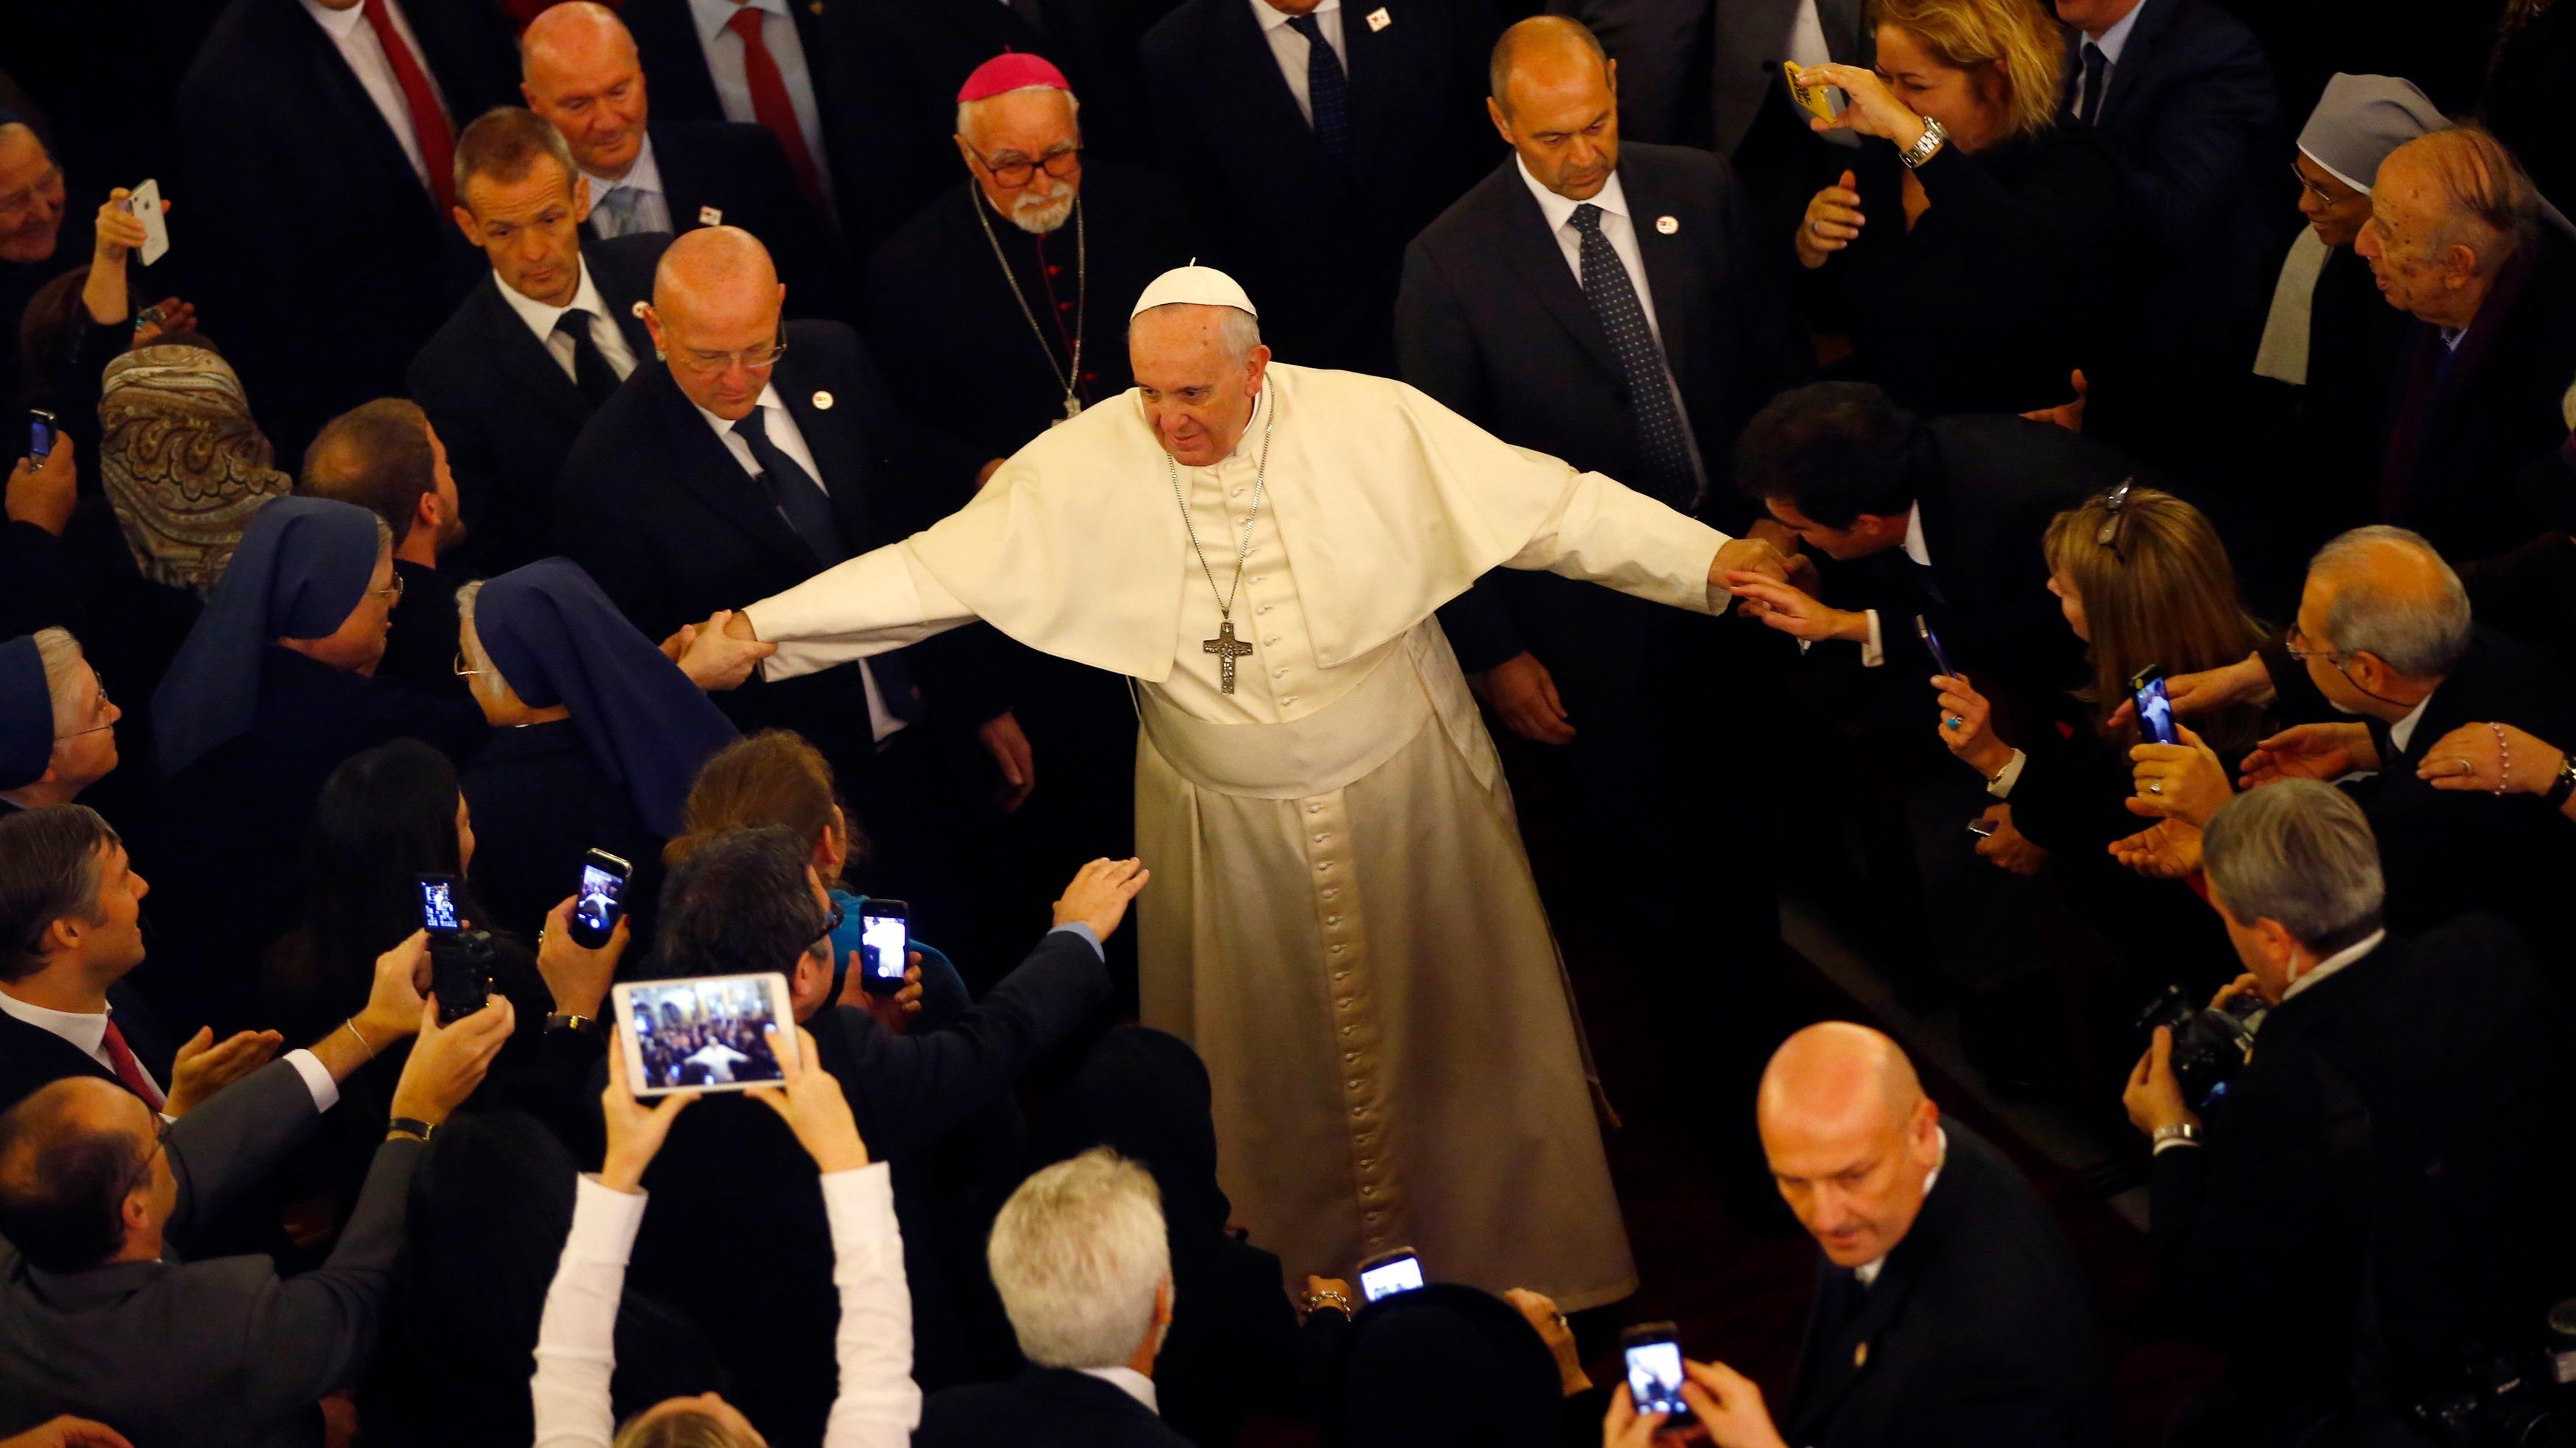 Kuva: Paavi, valkeuden enkeli